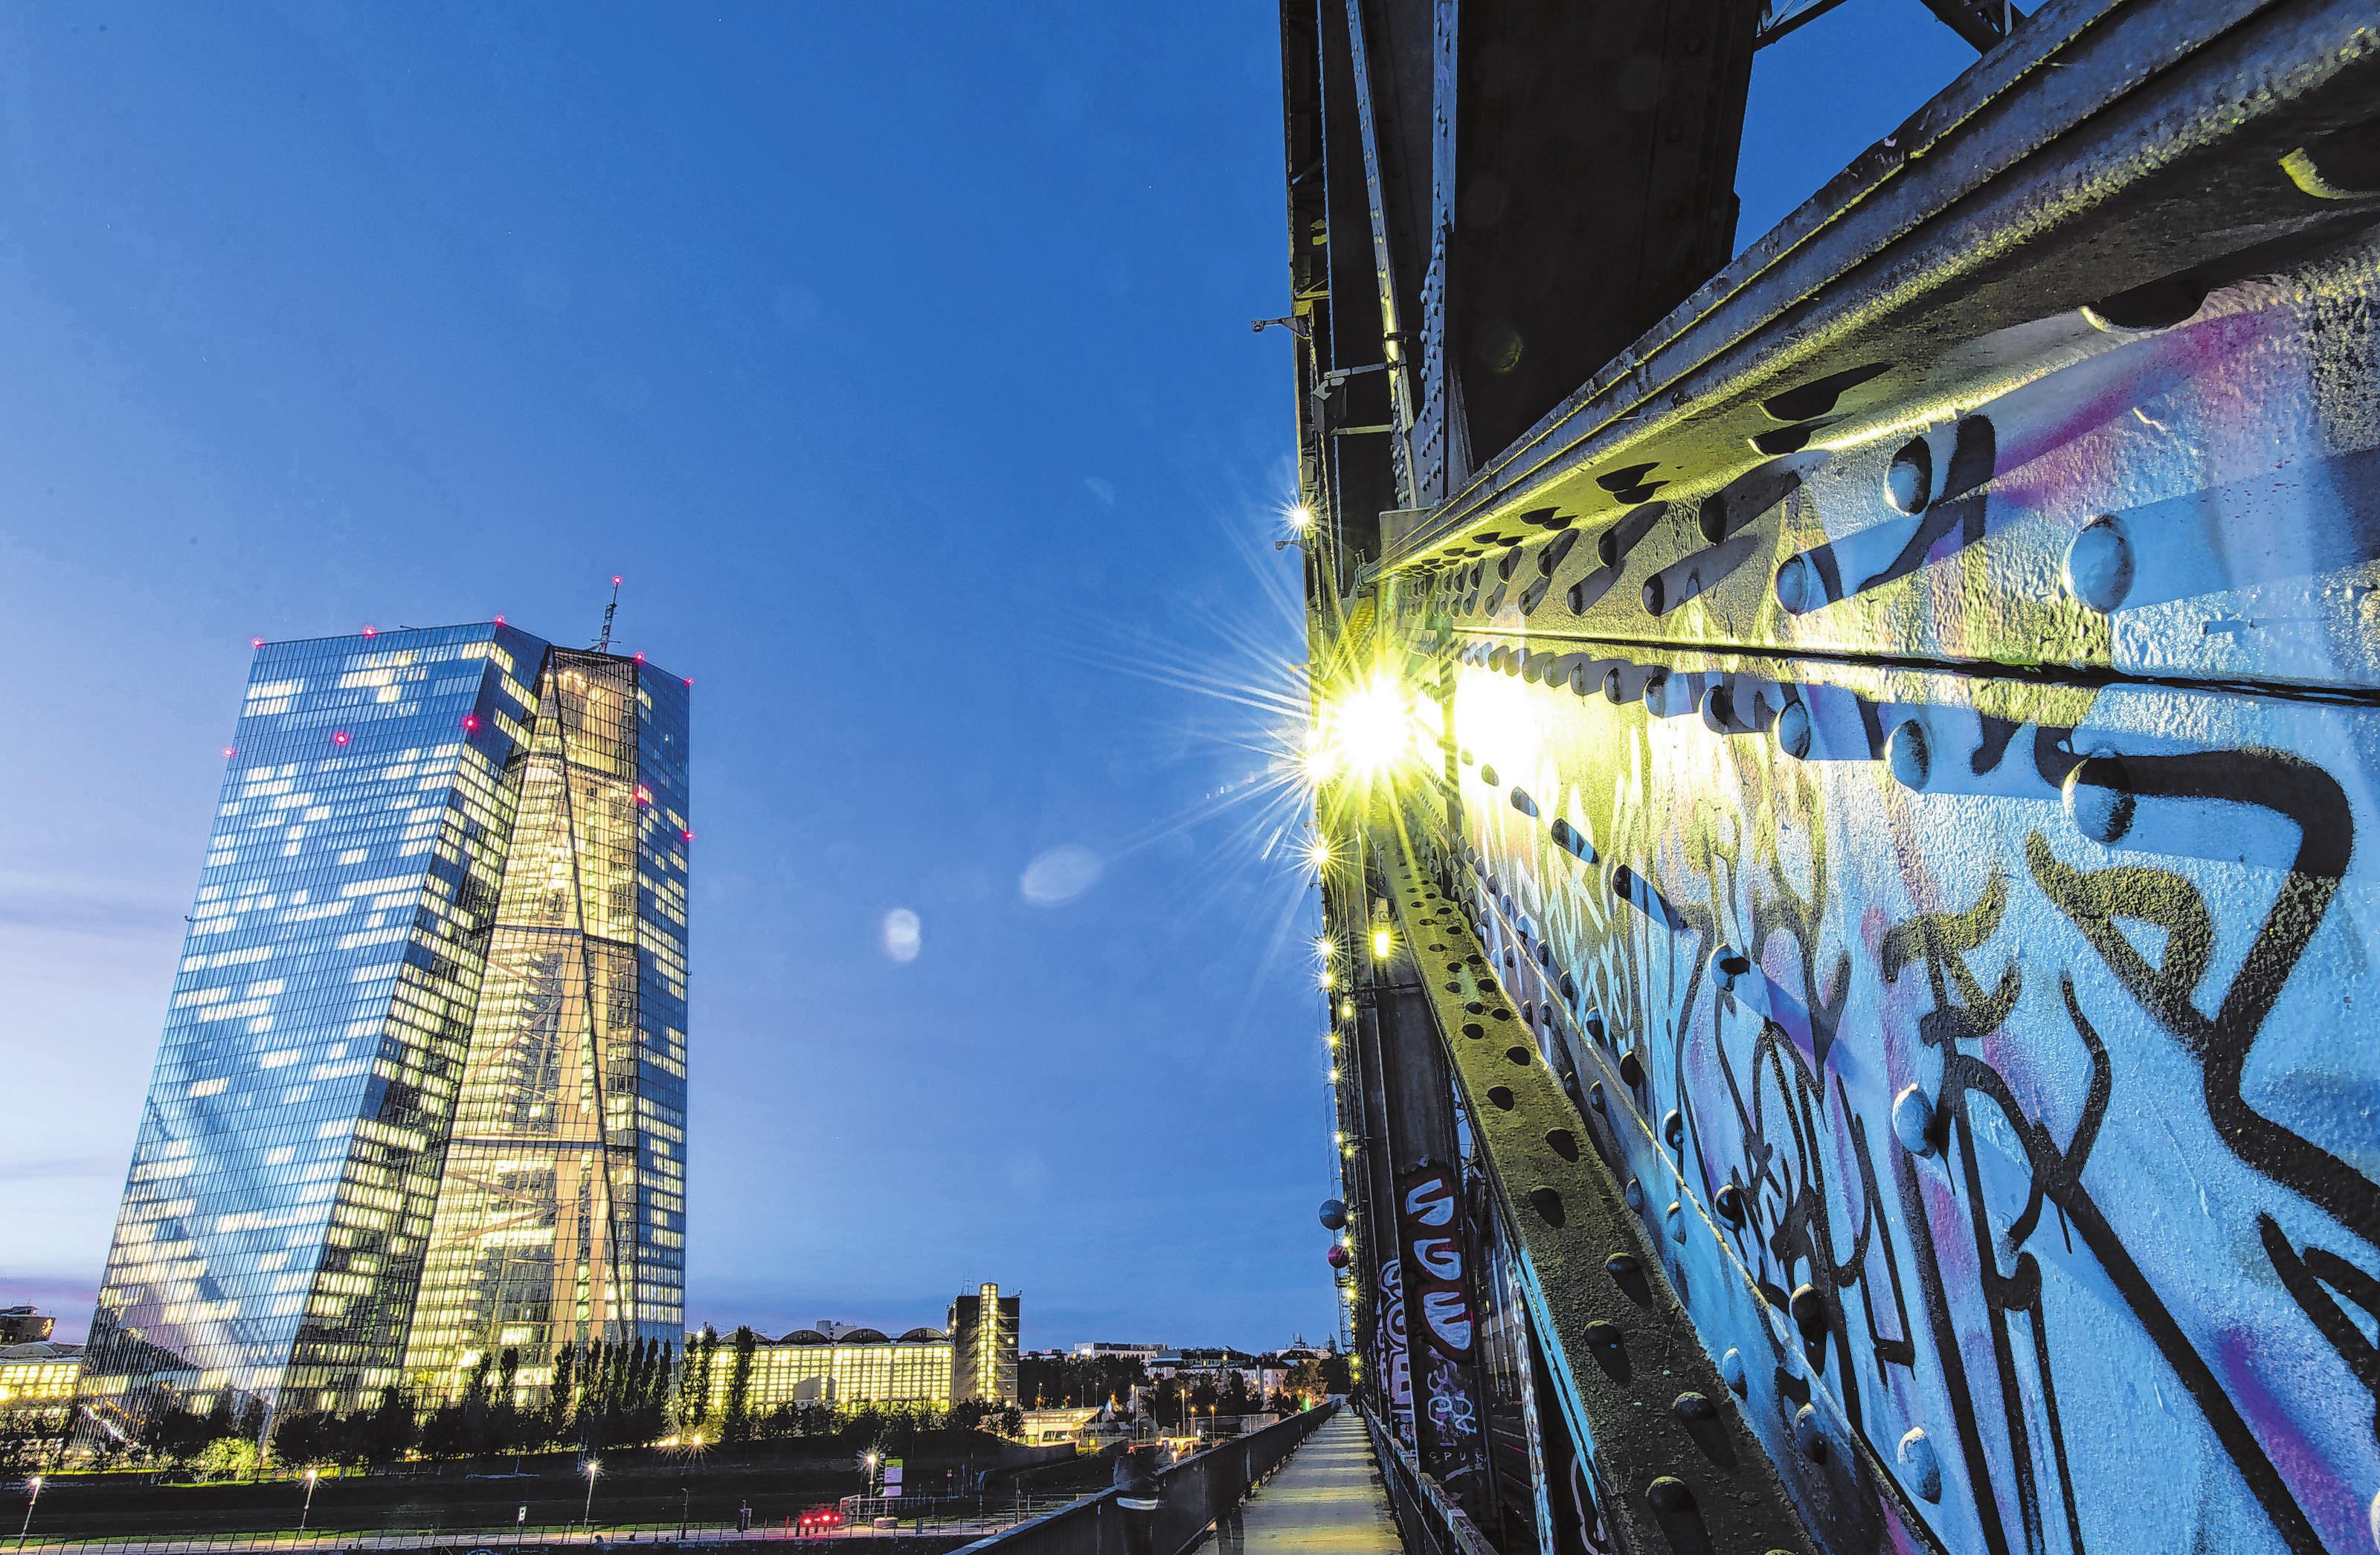 Die Europäische Zentralbank (EZB) wird frühestens Mitte 2020 ihre Geldpolitik ändern - und dann unter Umständen den Leitzins anheben. Foto: Boris Roessler/dpa/dpa-mag